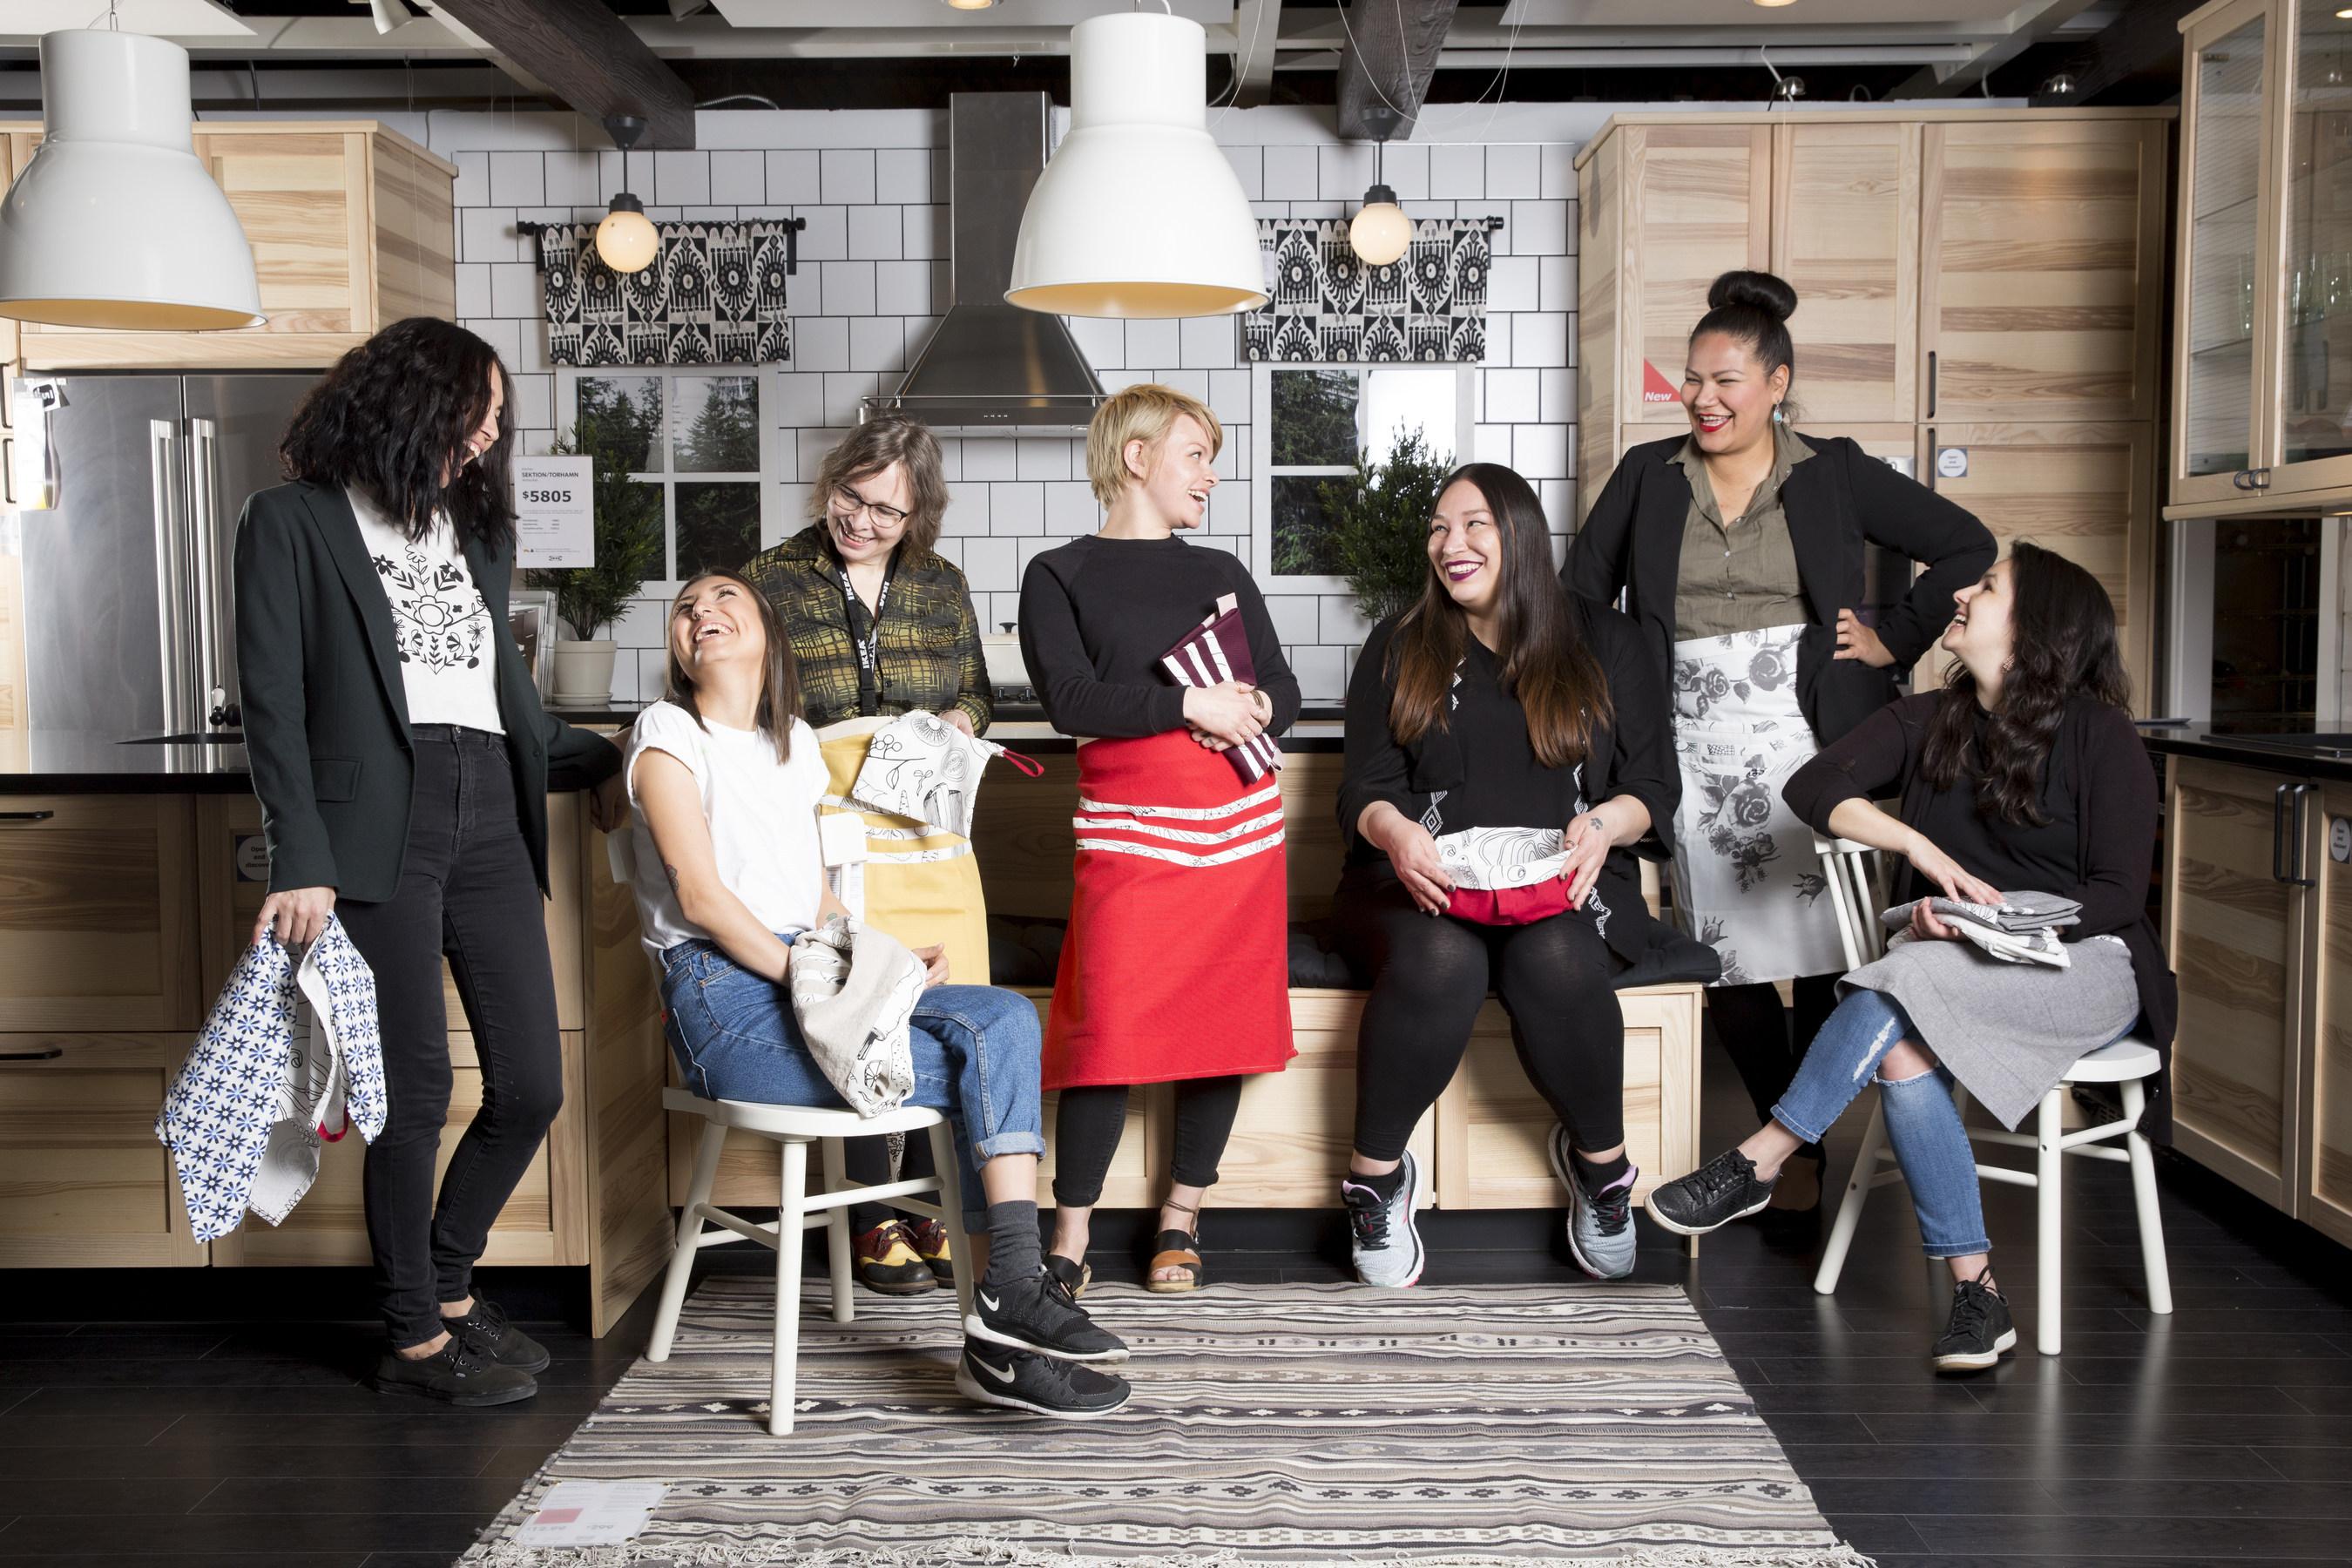 cnw ikea canada lance une collection de produits faits la main co cr e avec une entreprise. Black Bedroom Furniture Sets. Home Design Ideas